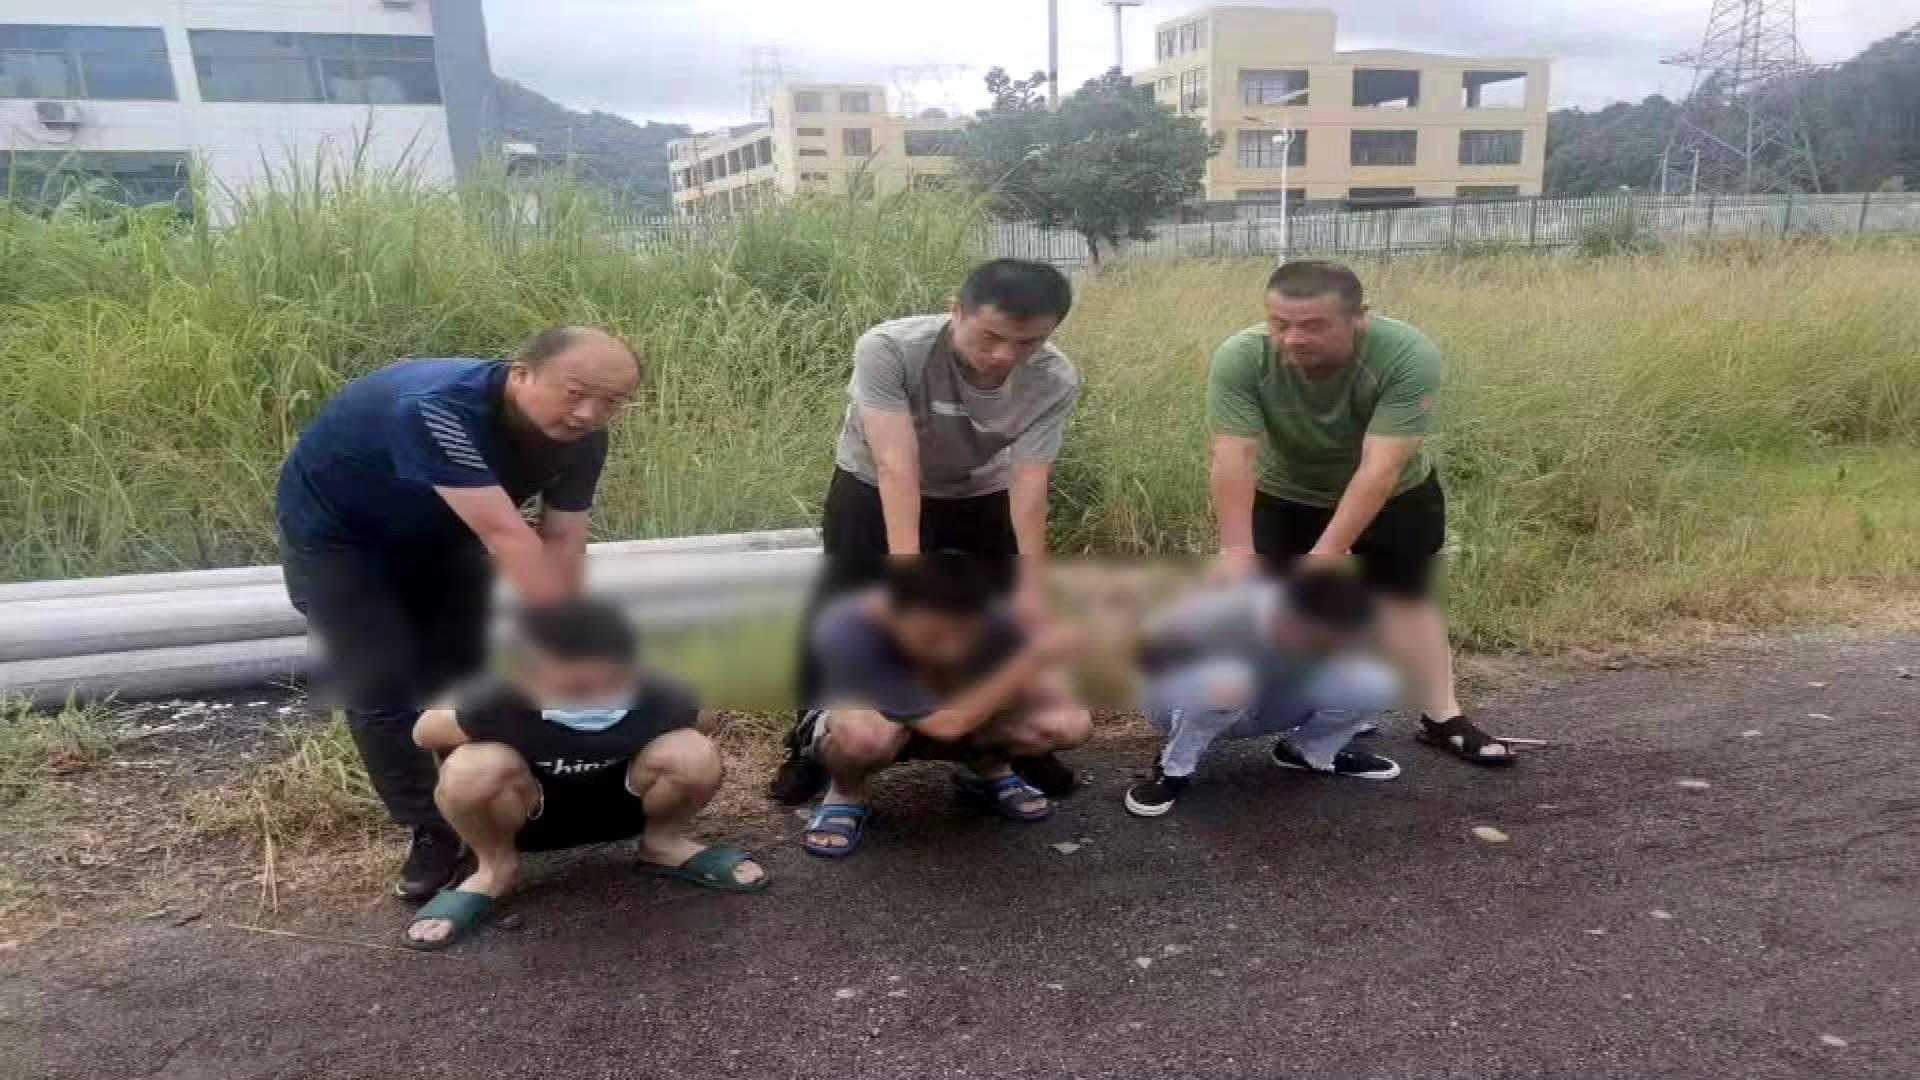 女子网购刷单挣钱被骗近十万元 民警跨省抓获16名嫌犯